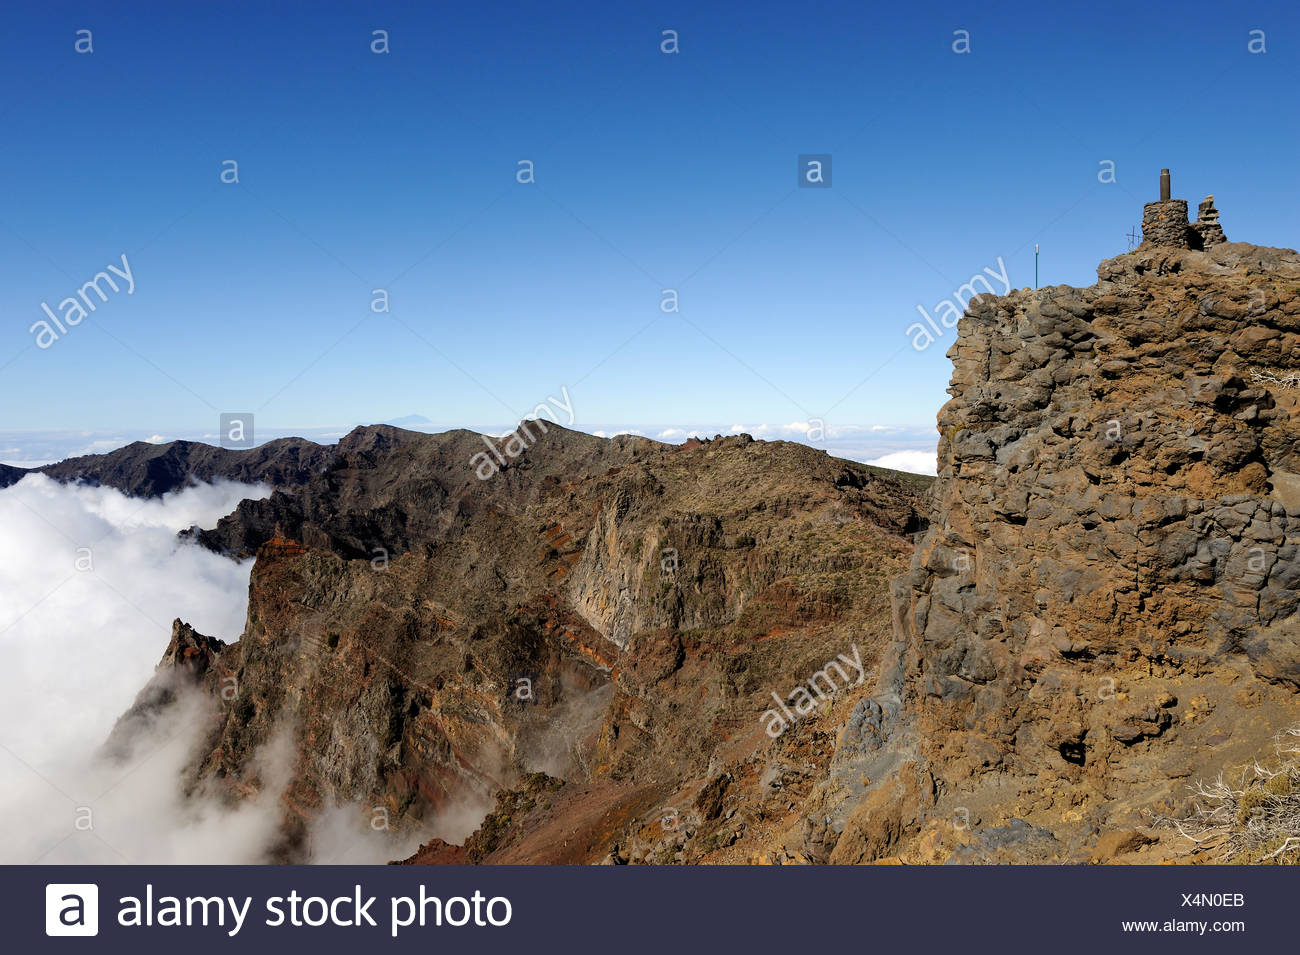 Gipfel des Pico Fuente Nueva mit einem Meer von Wolken in den Nationalpark Caldera de Taburiente, La Palma, Kanarische Inseln, Spanien Stockbild